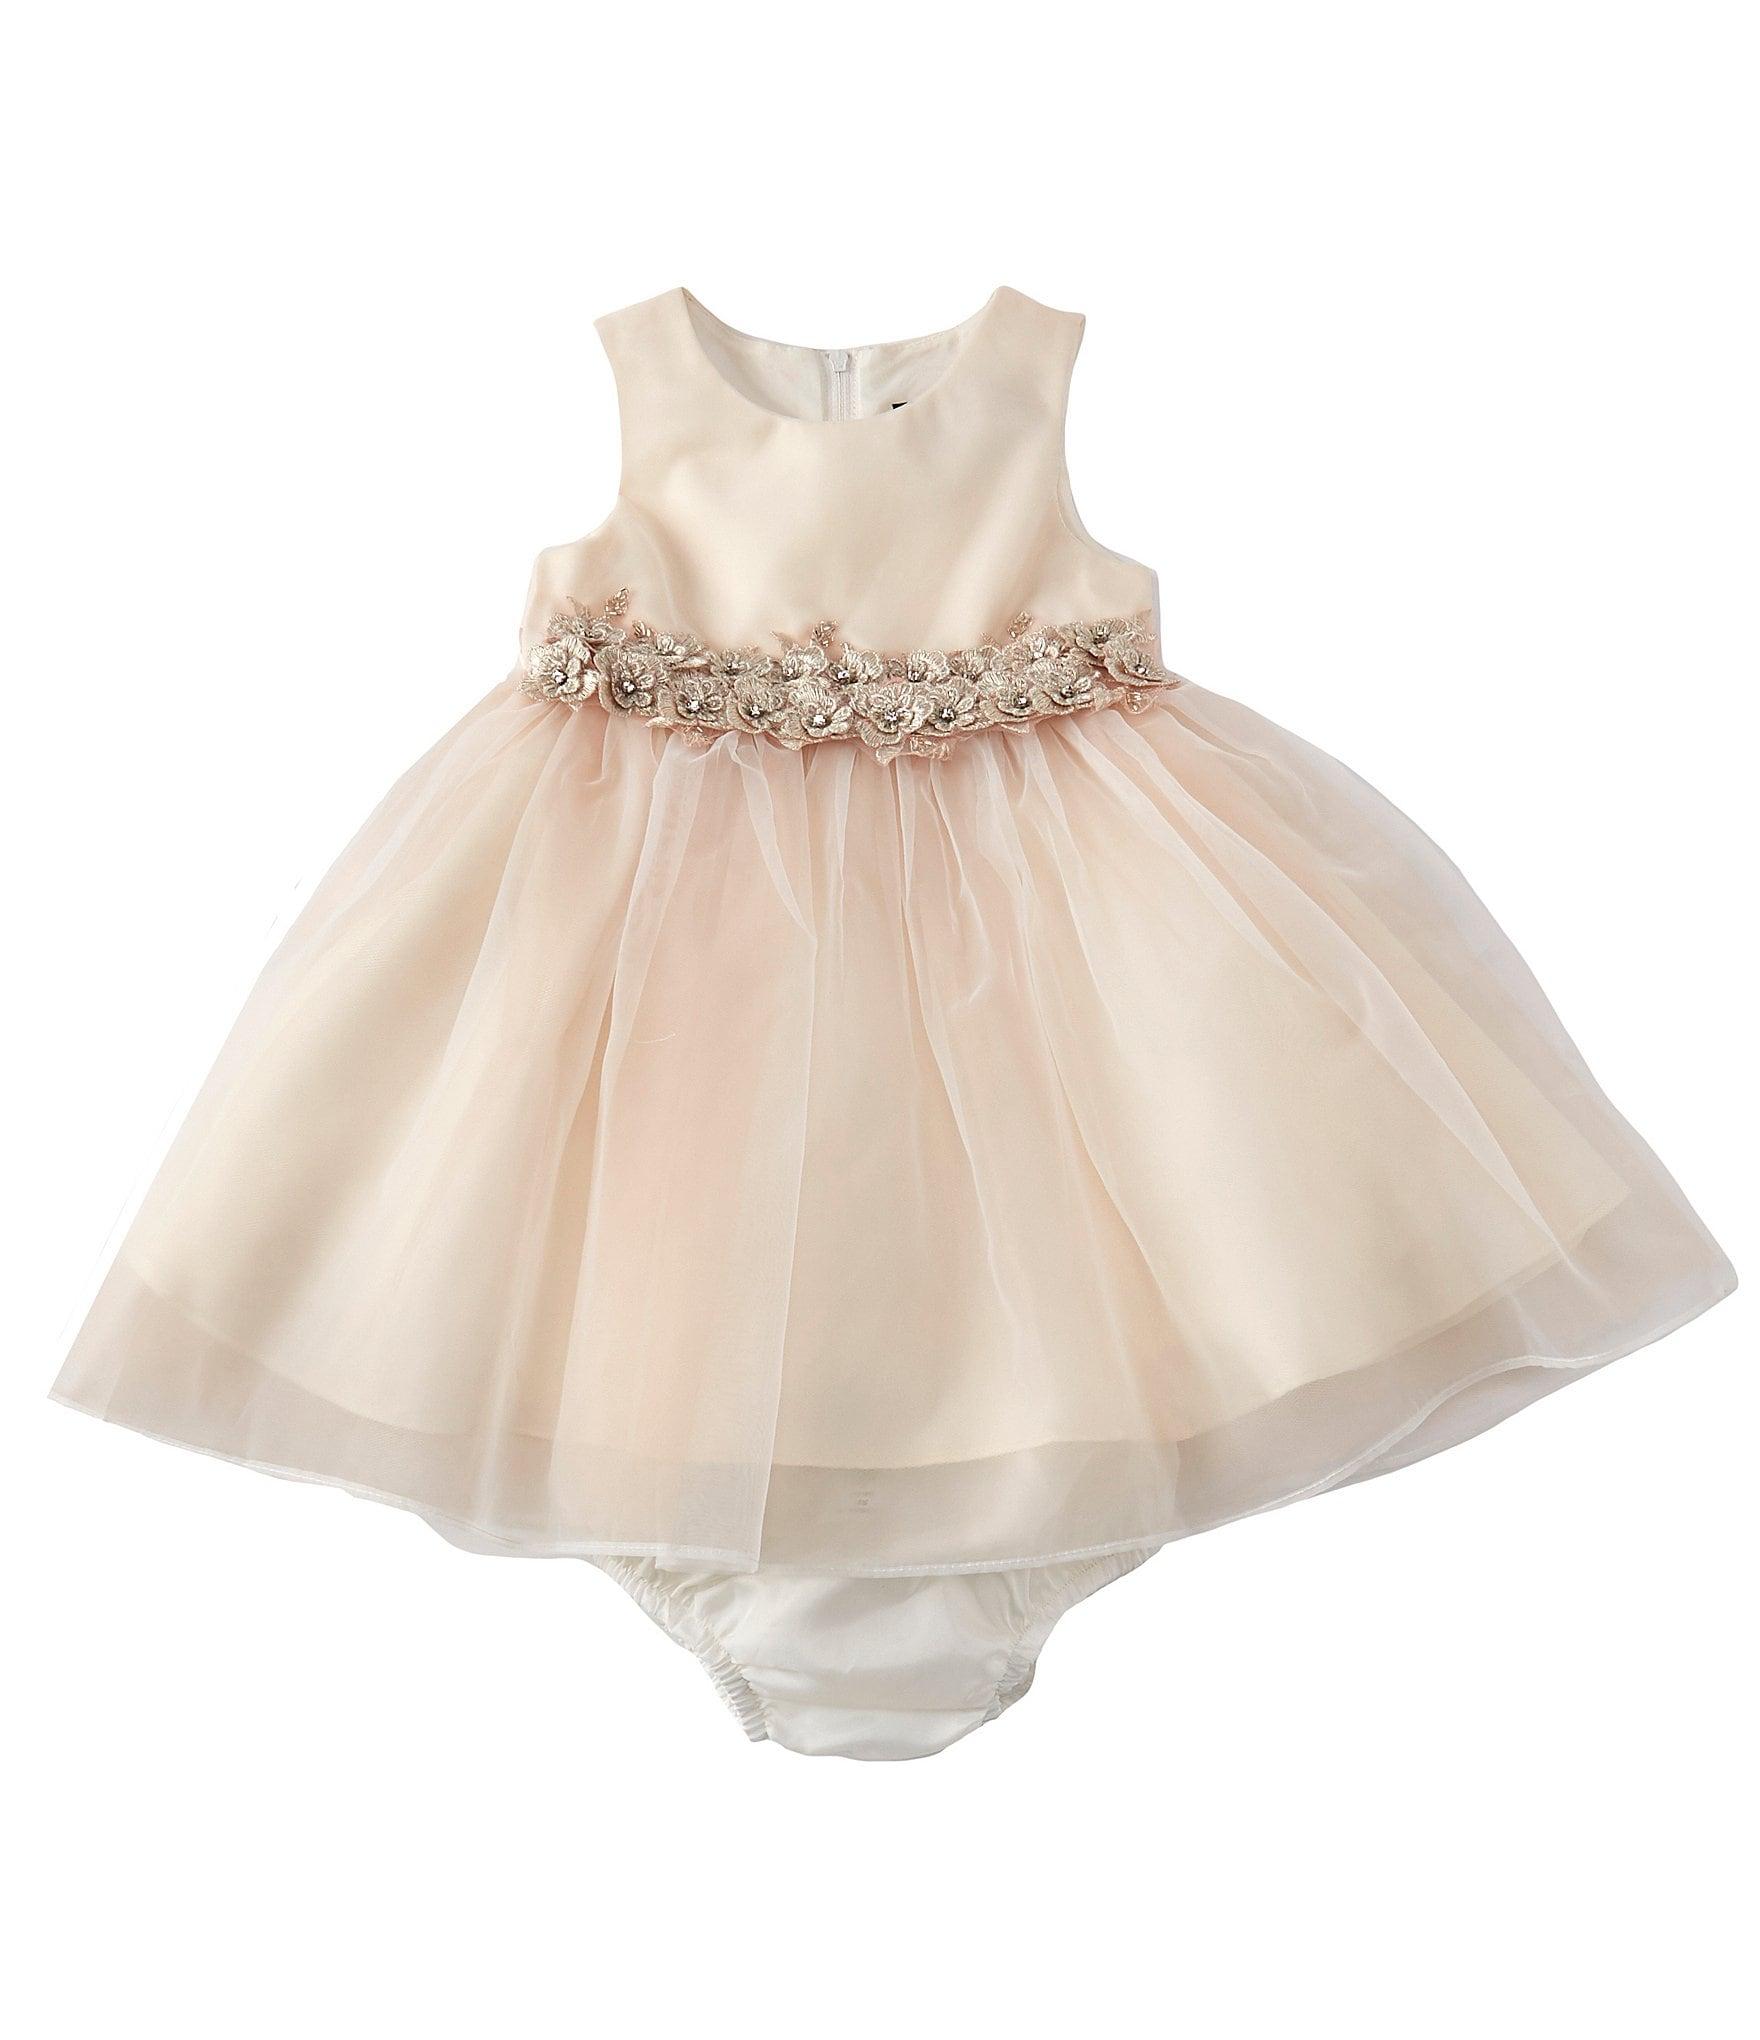 5eefd577f Baby Girl Clothing | Dillard's